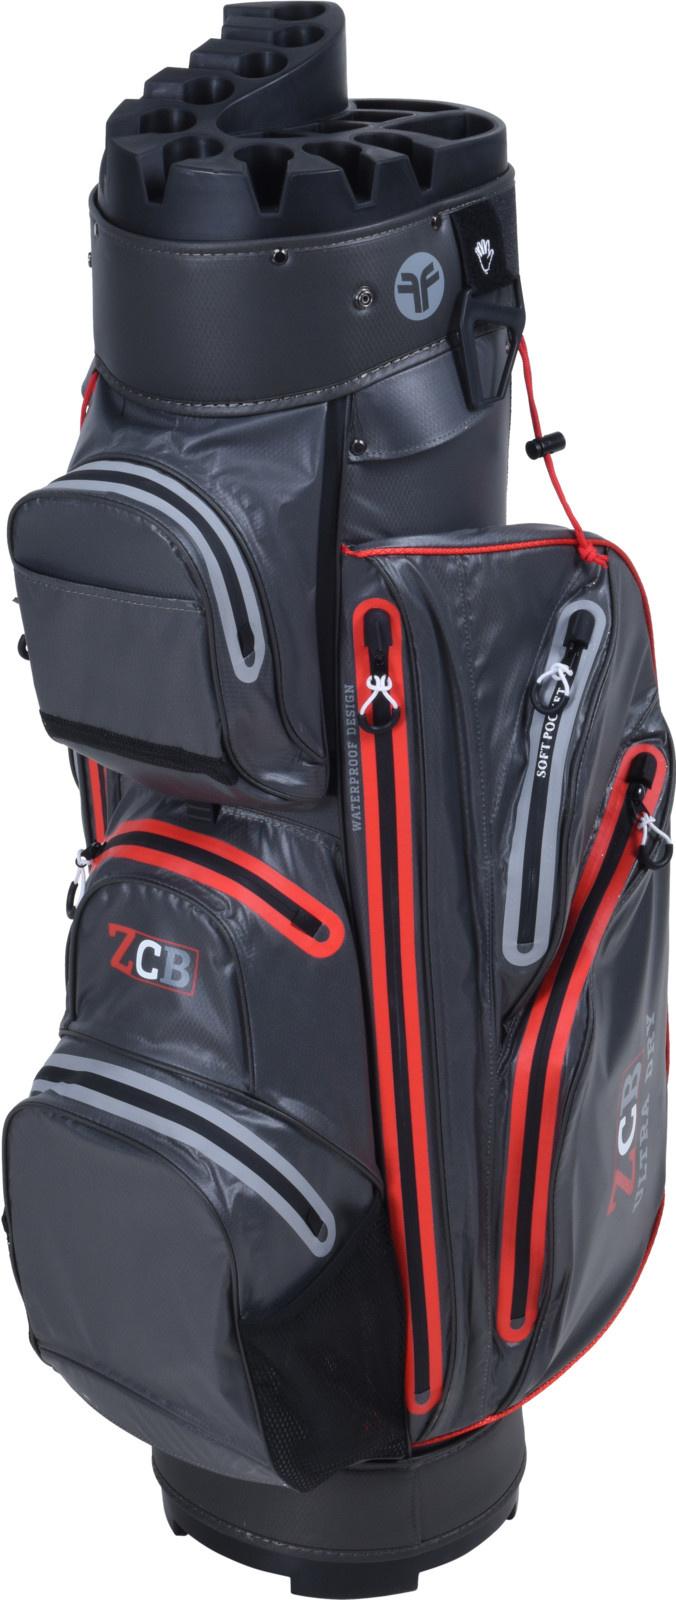 FastFold Fastfold ZCB Waterproof Cart Bag Zwart/Rood